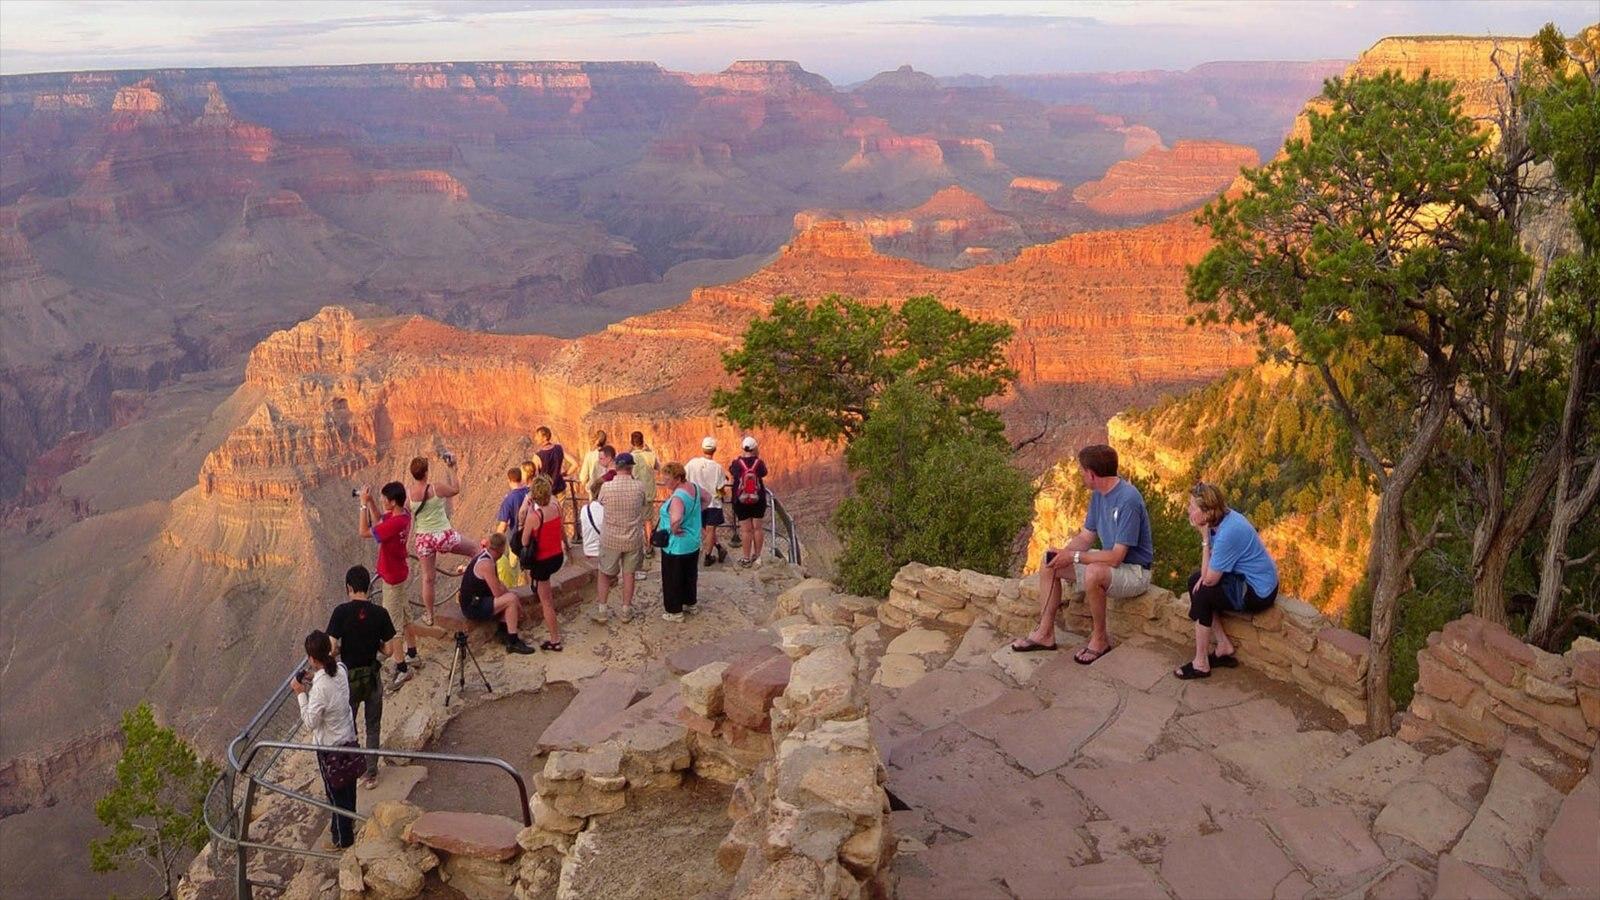 Grand Canyon caracterizando um desfiladeiro ou canyon, um pôr do sol e paisagem